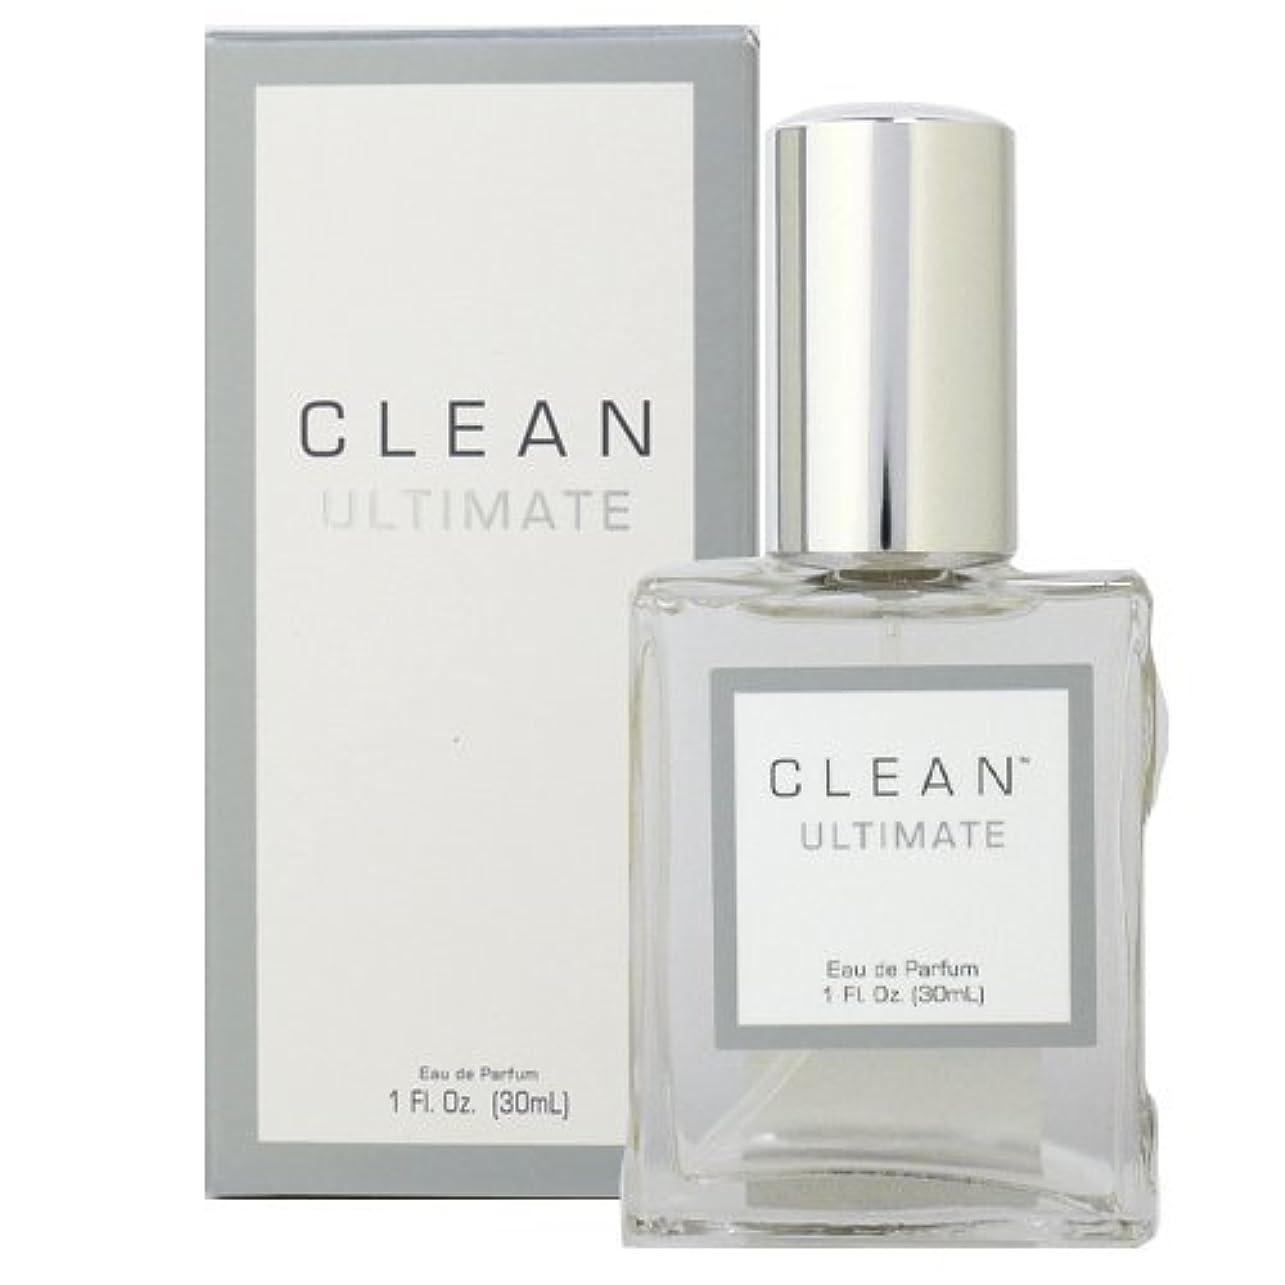 宝石クロス宝CLEAN クリーンアルティメイト EDP 30ml [000900] [並行輸入品]